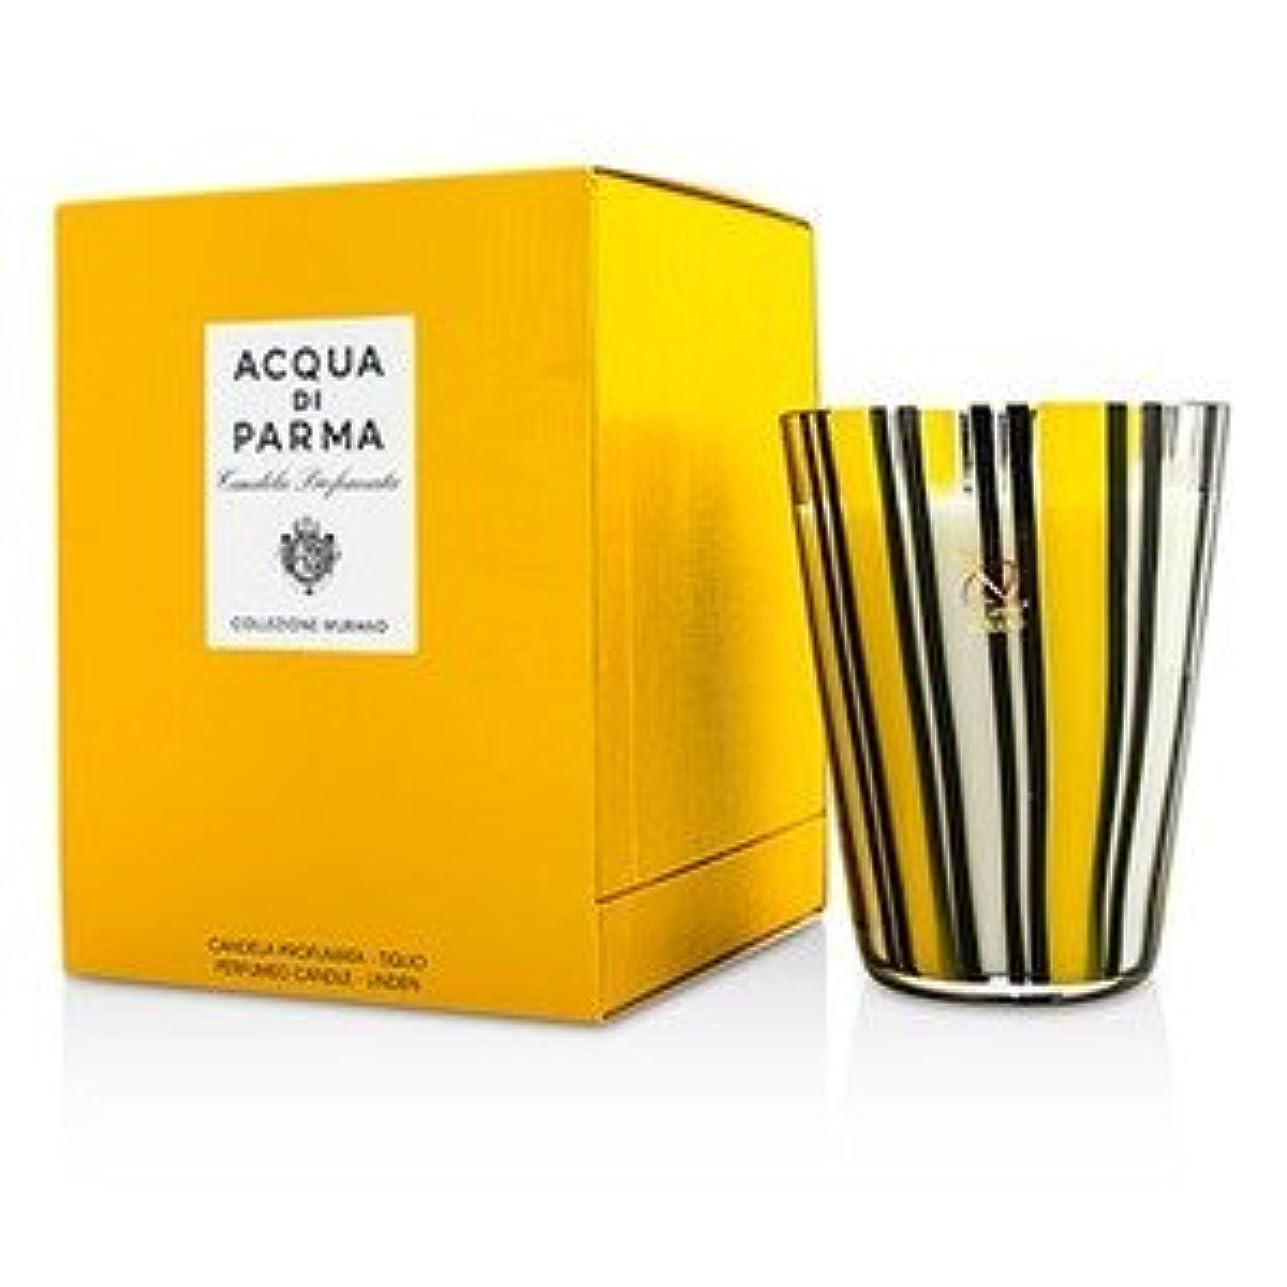 解任方言ペチュランスアクア ディ パルマ[Acqua Di Parma] ムラノ グラス パフューム キャンドル - Tiglio(Linen) 200g/7.05oz [並行輸入品]